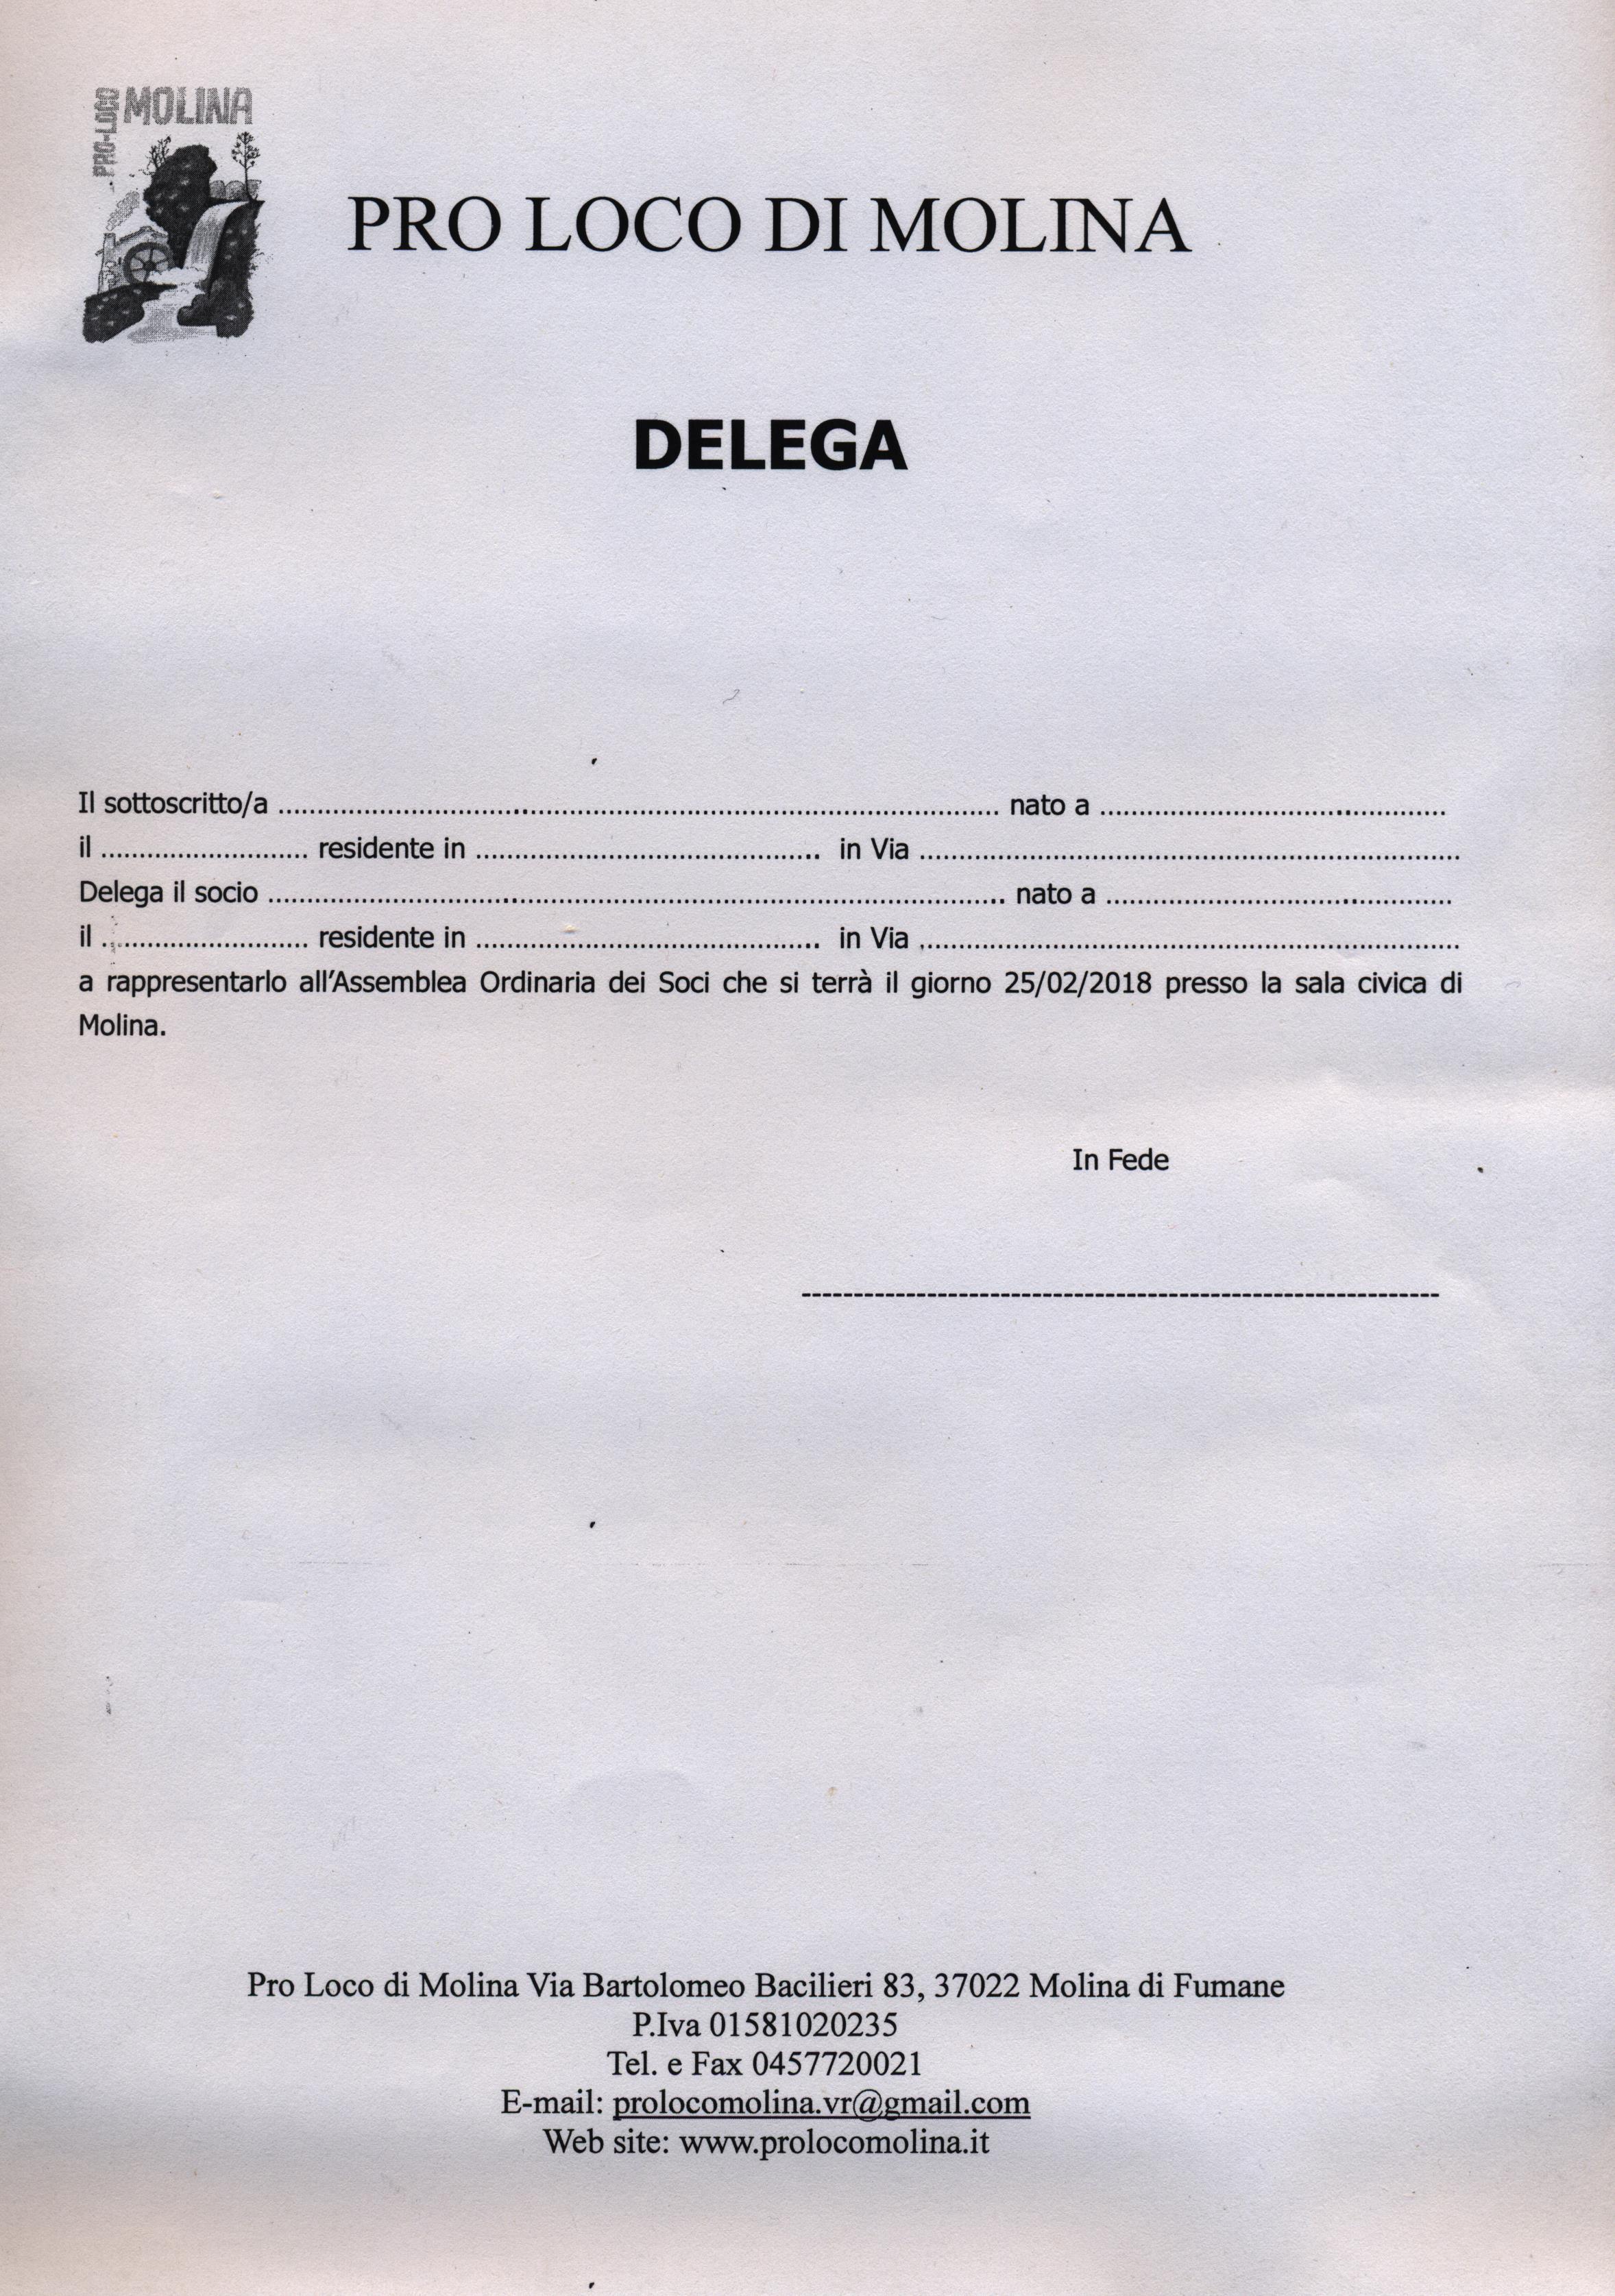 DelegaAssemblea2018